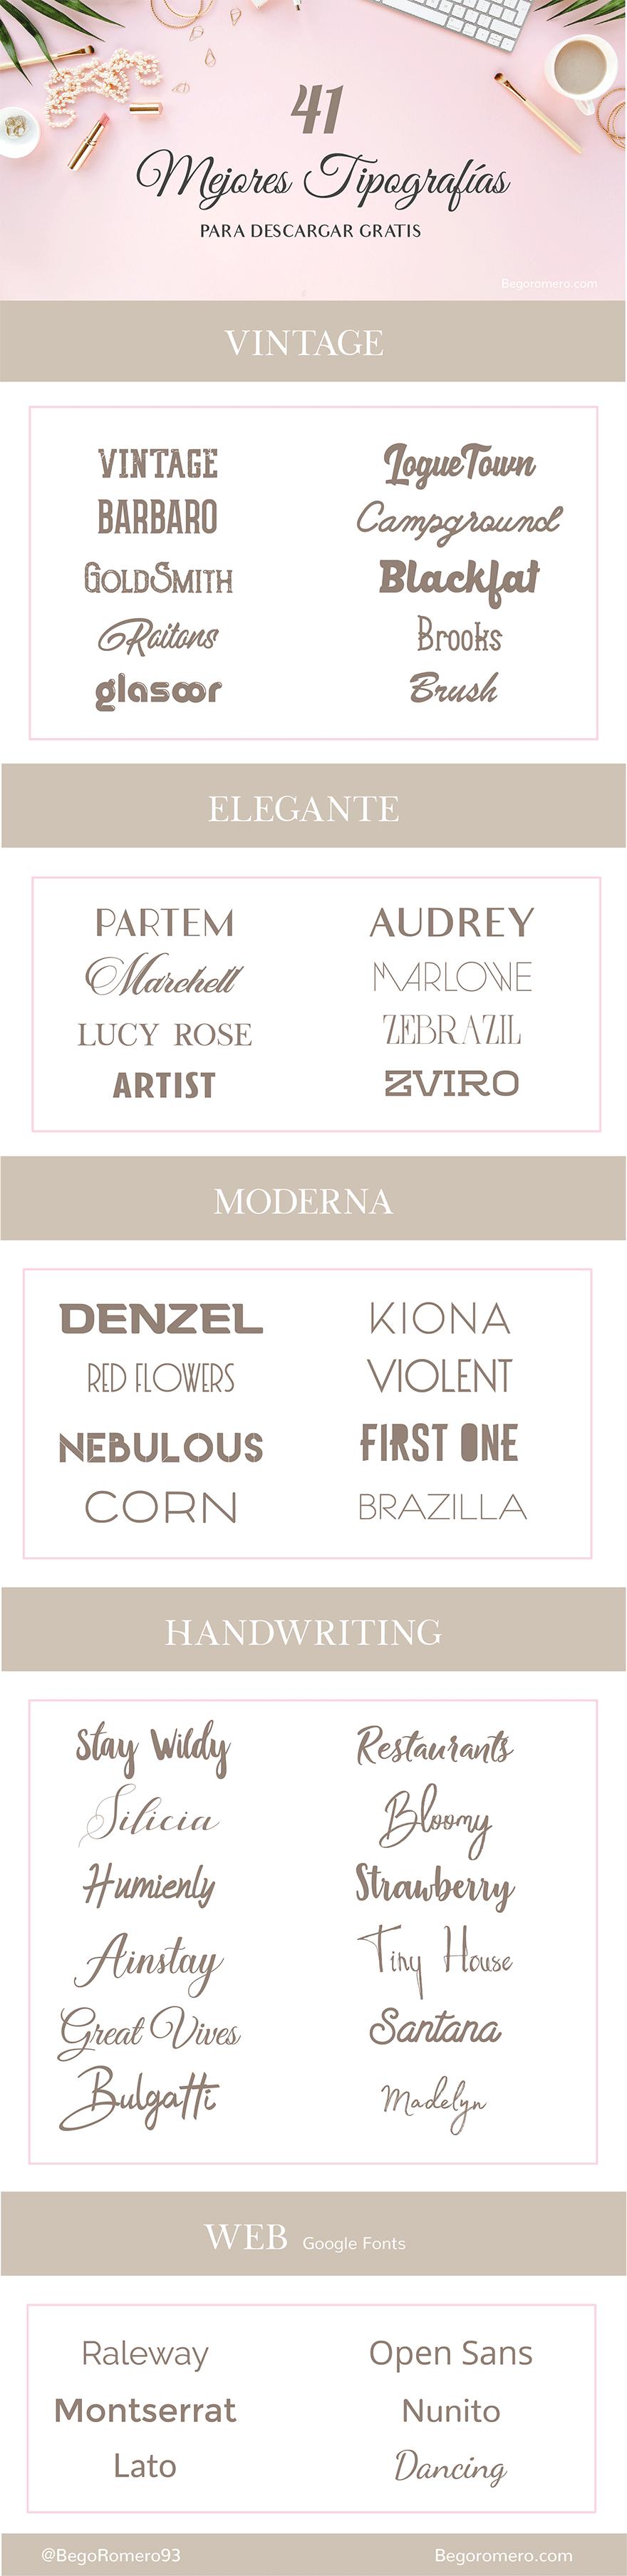 Descargar tipografias bonitas